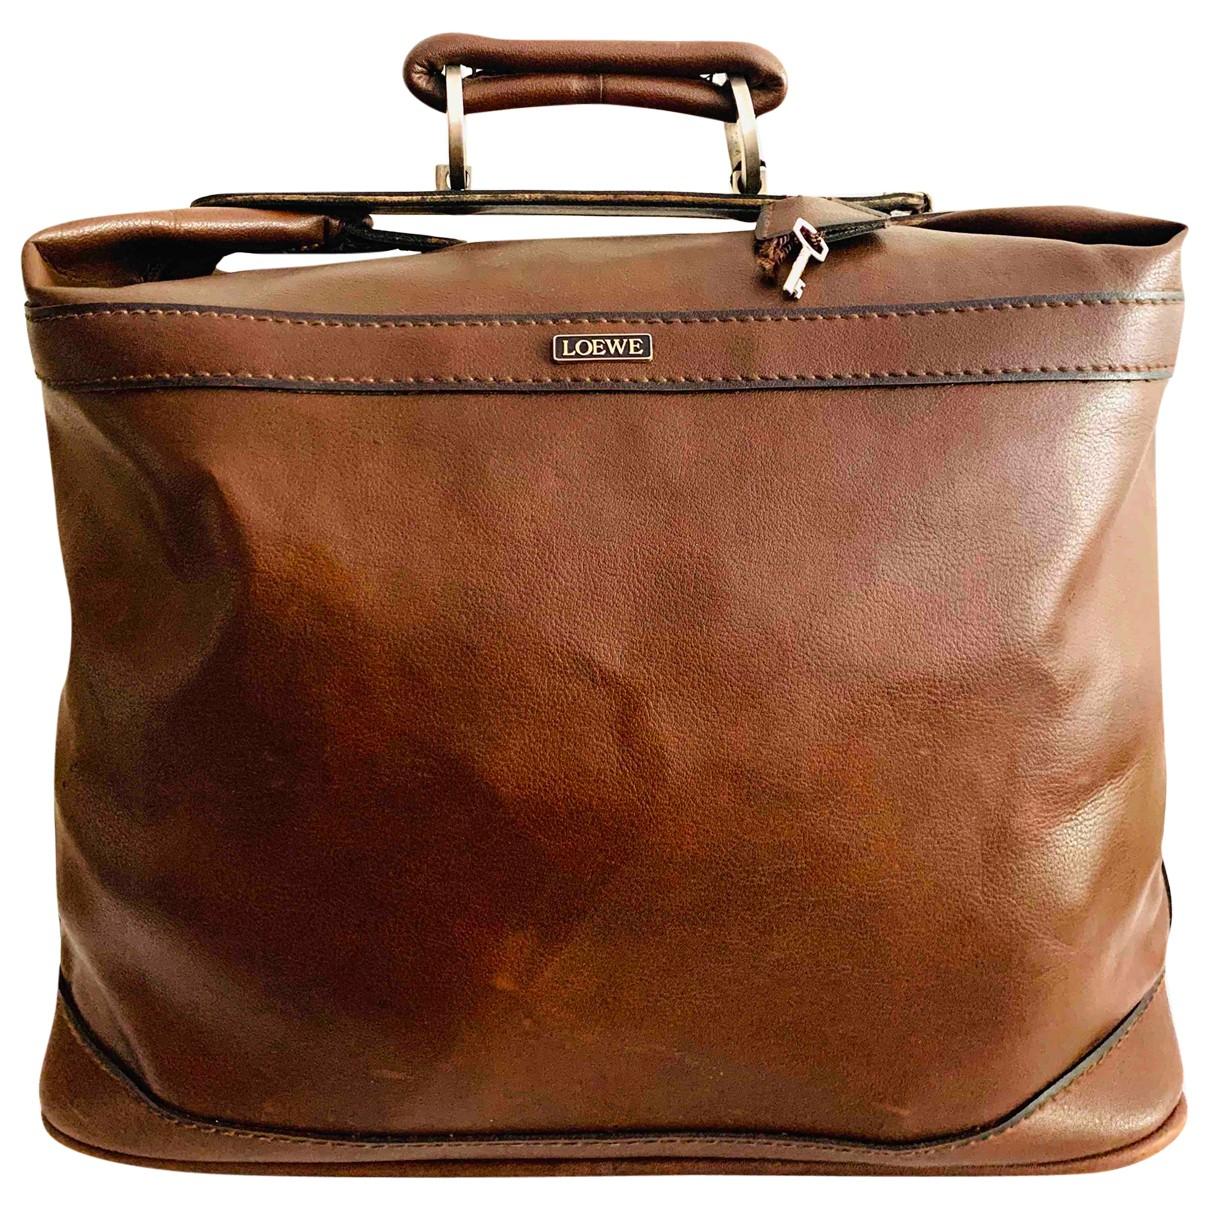 Loewe \N Reisetasche in  Braun Leder